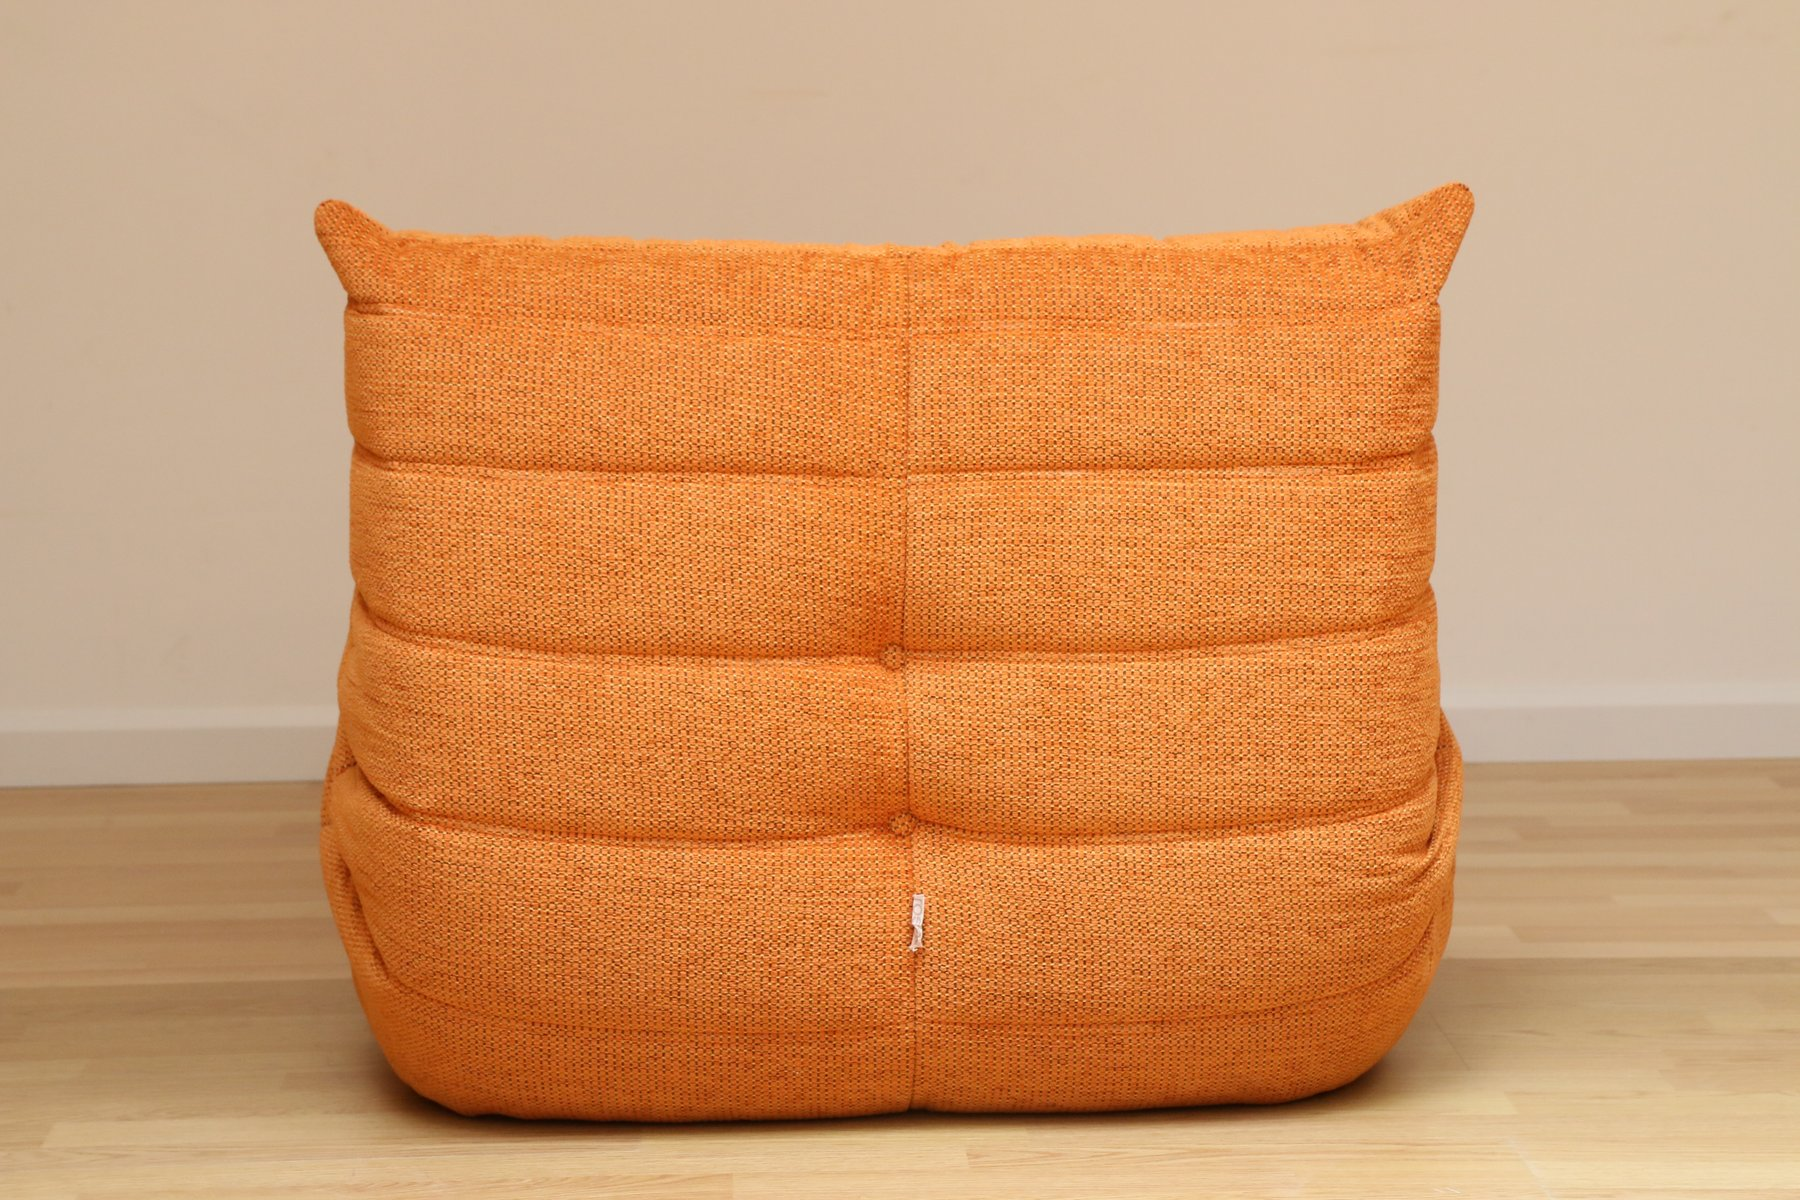 vintage orange togo pouf by michel ducaroy for ligne roset set of 2 for sale at pamono. Black Bedroom Furniture Sets. Home Design Ideas